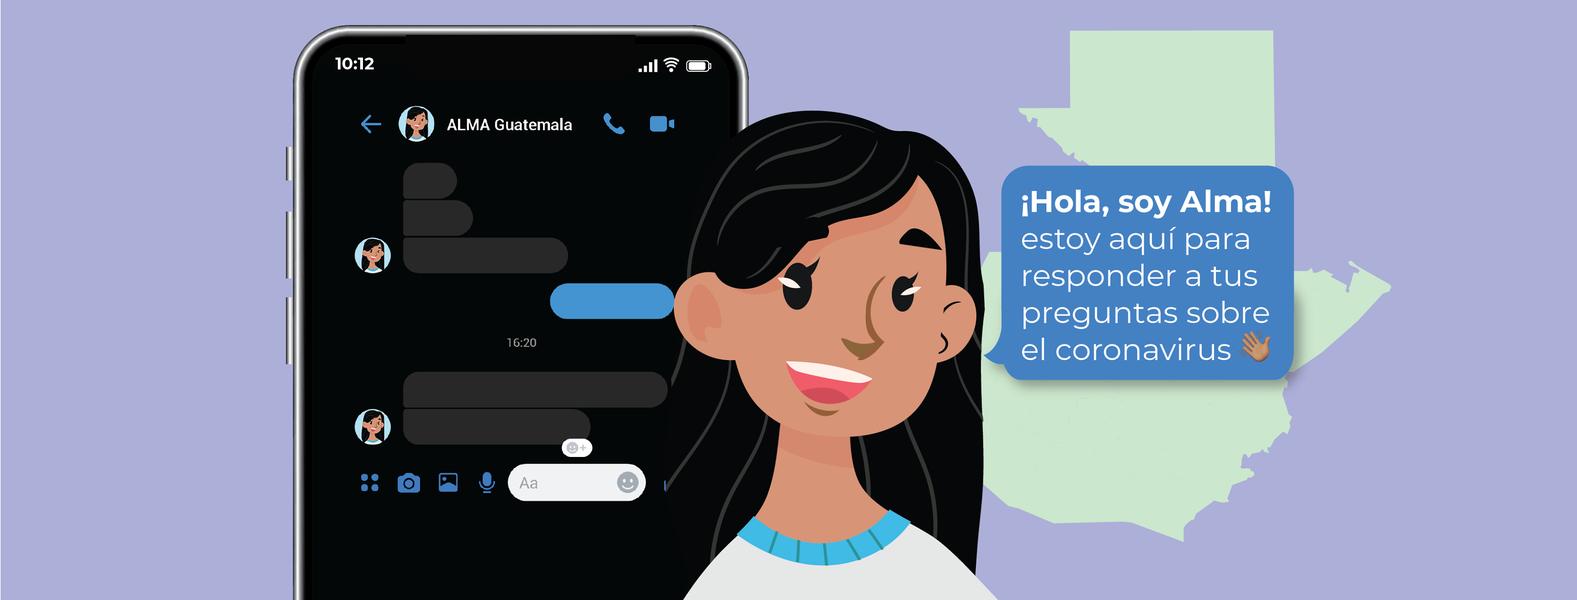 ALMA, el chatbot creado por guatemaltecos que da información sobre la disponibilidad de vacunas en el país imagen